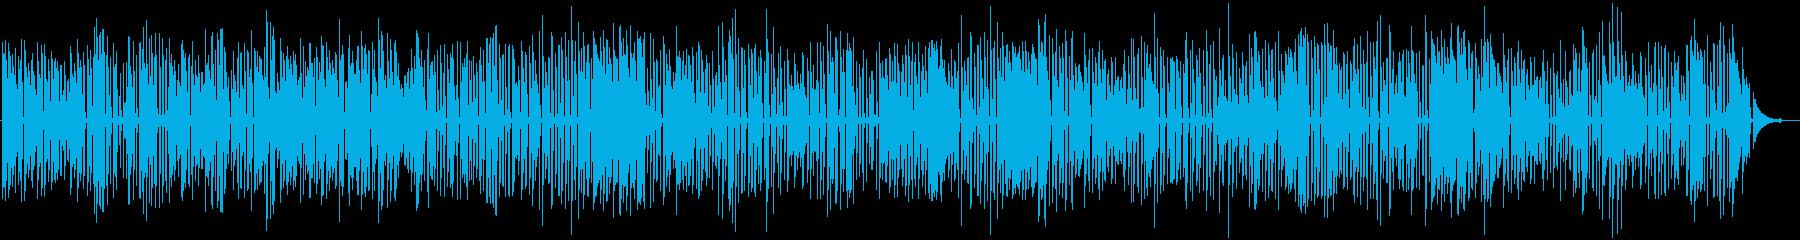 ジャズラウンジのおしゃれなソロピアノの再生済みの波形